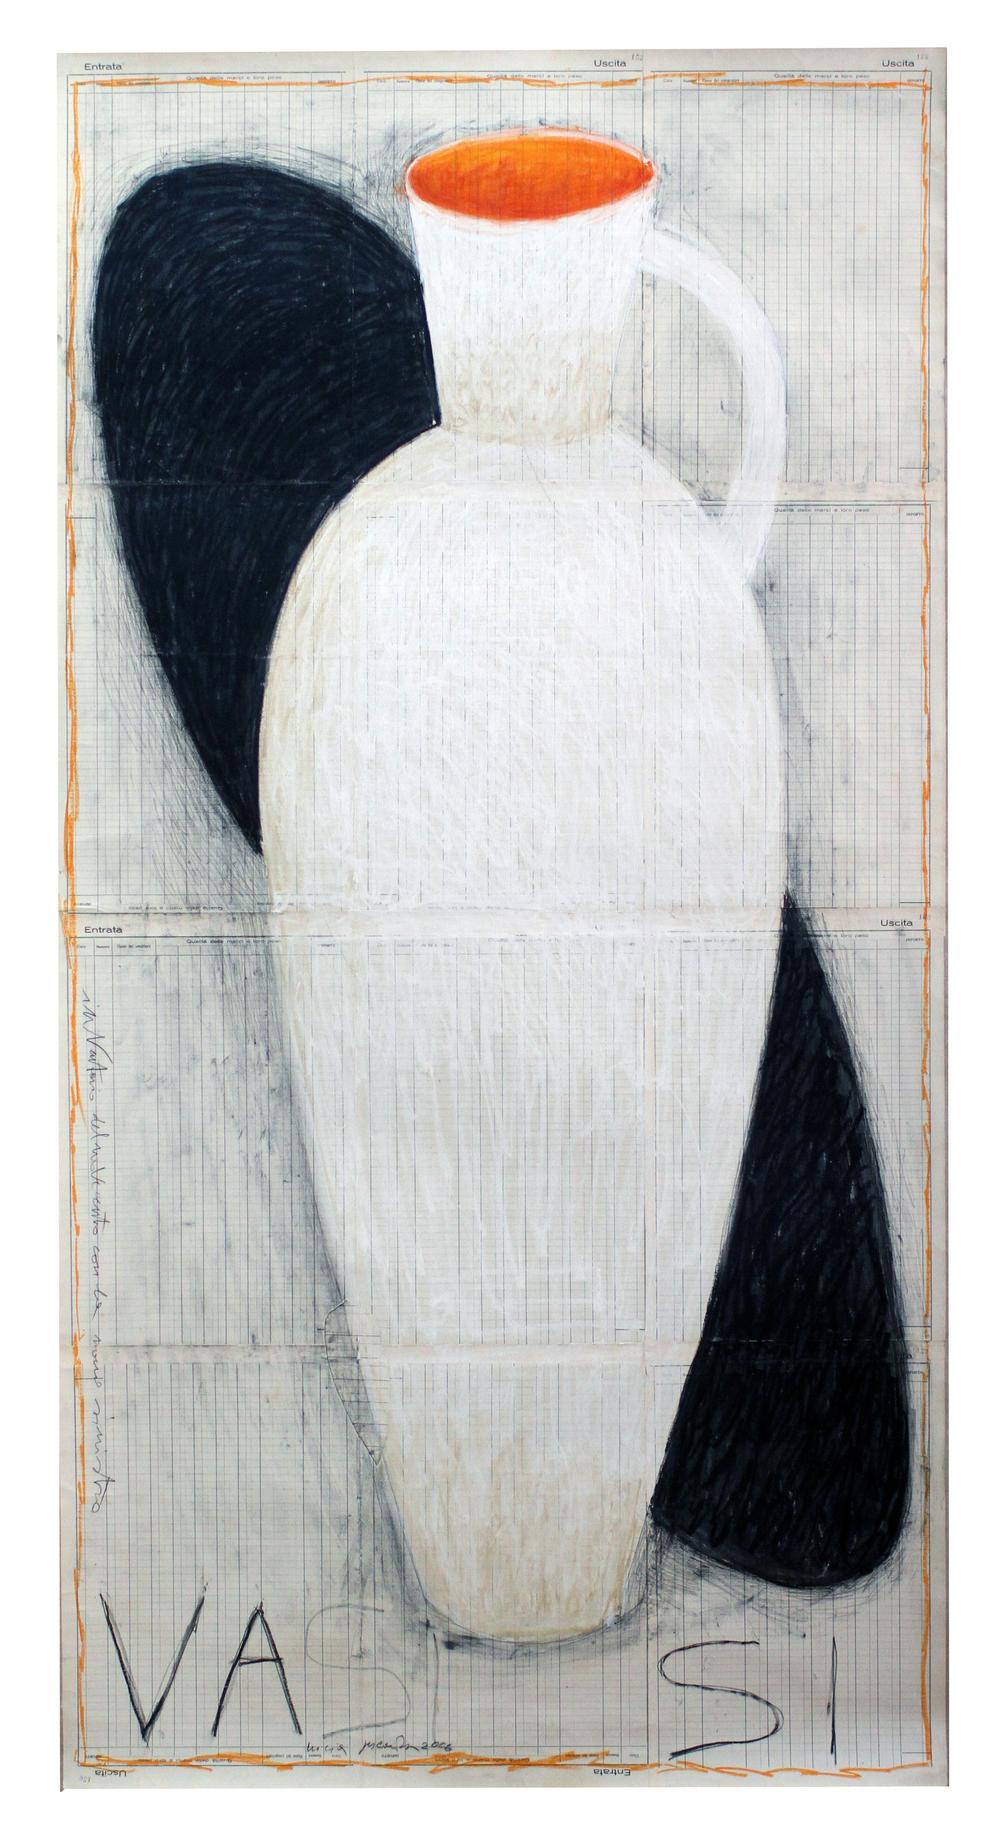 Vasi, 2006